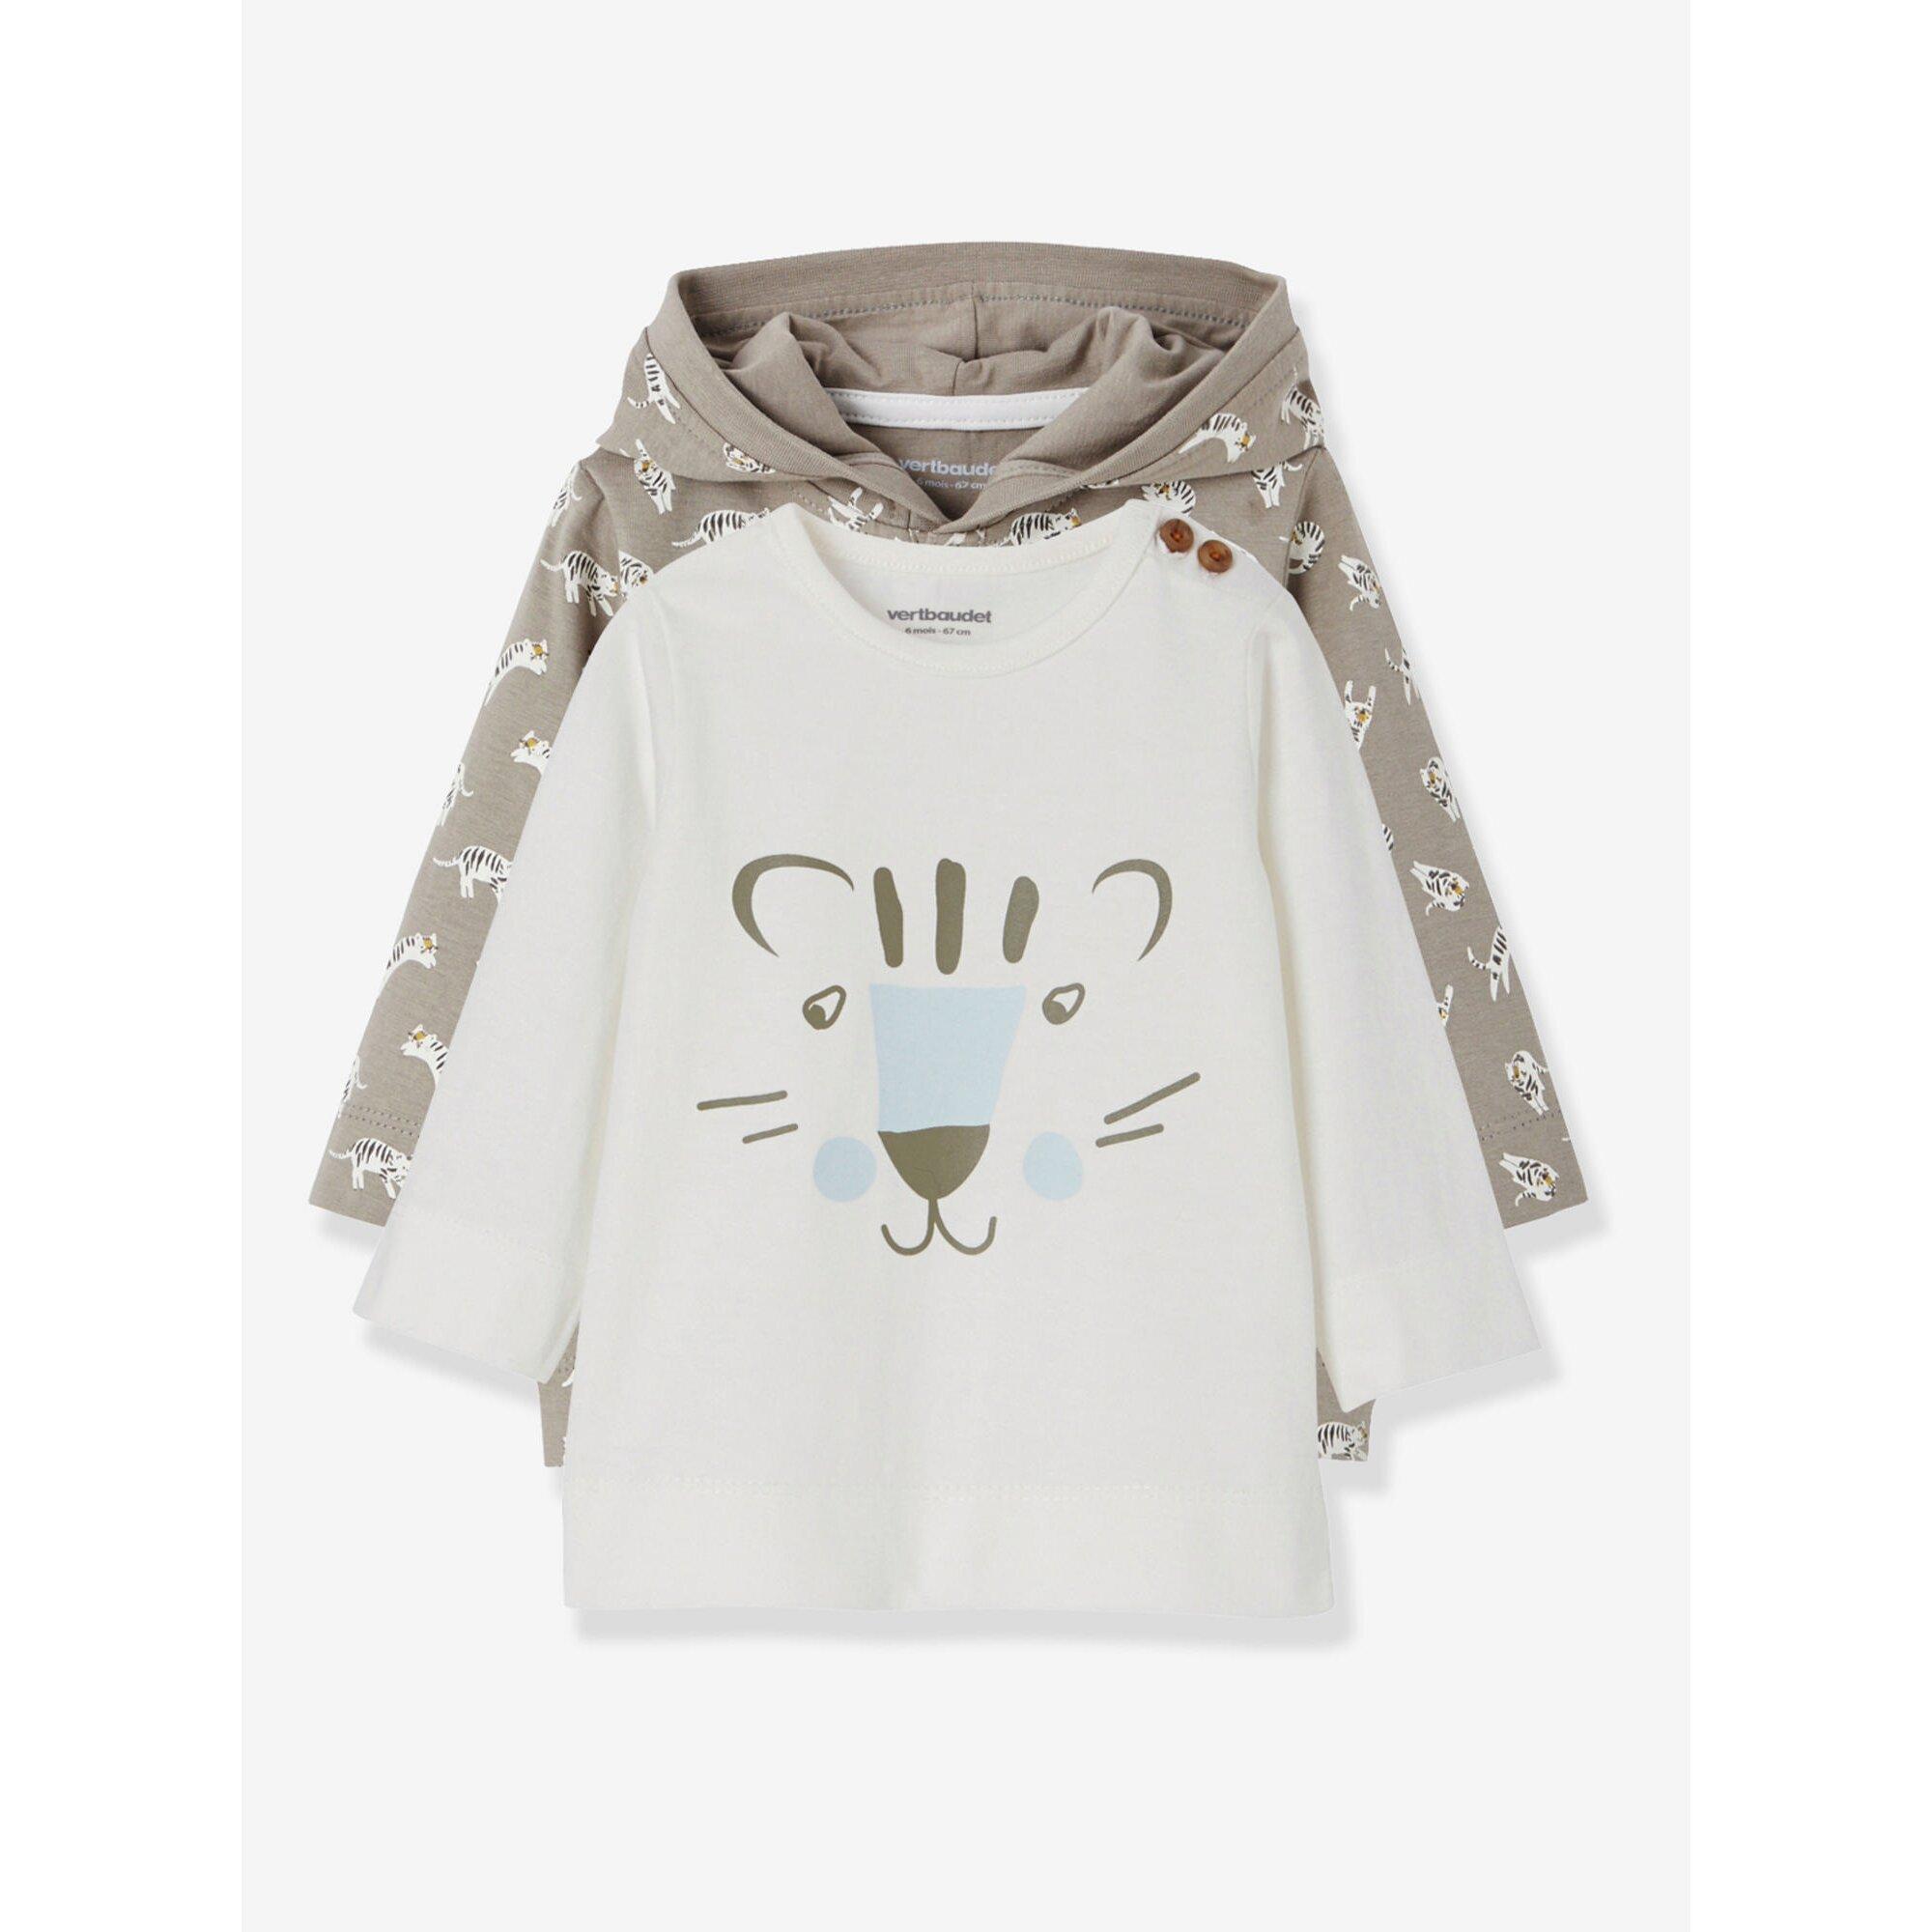 vertbaudet-2er-pack-shirts-fur-baby-jungen-tiger